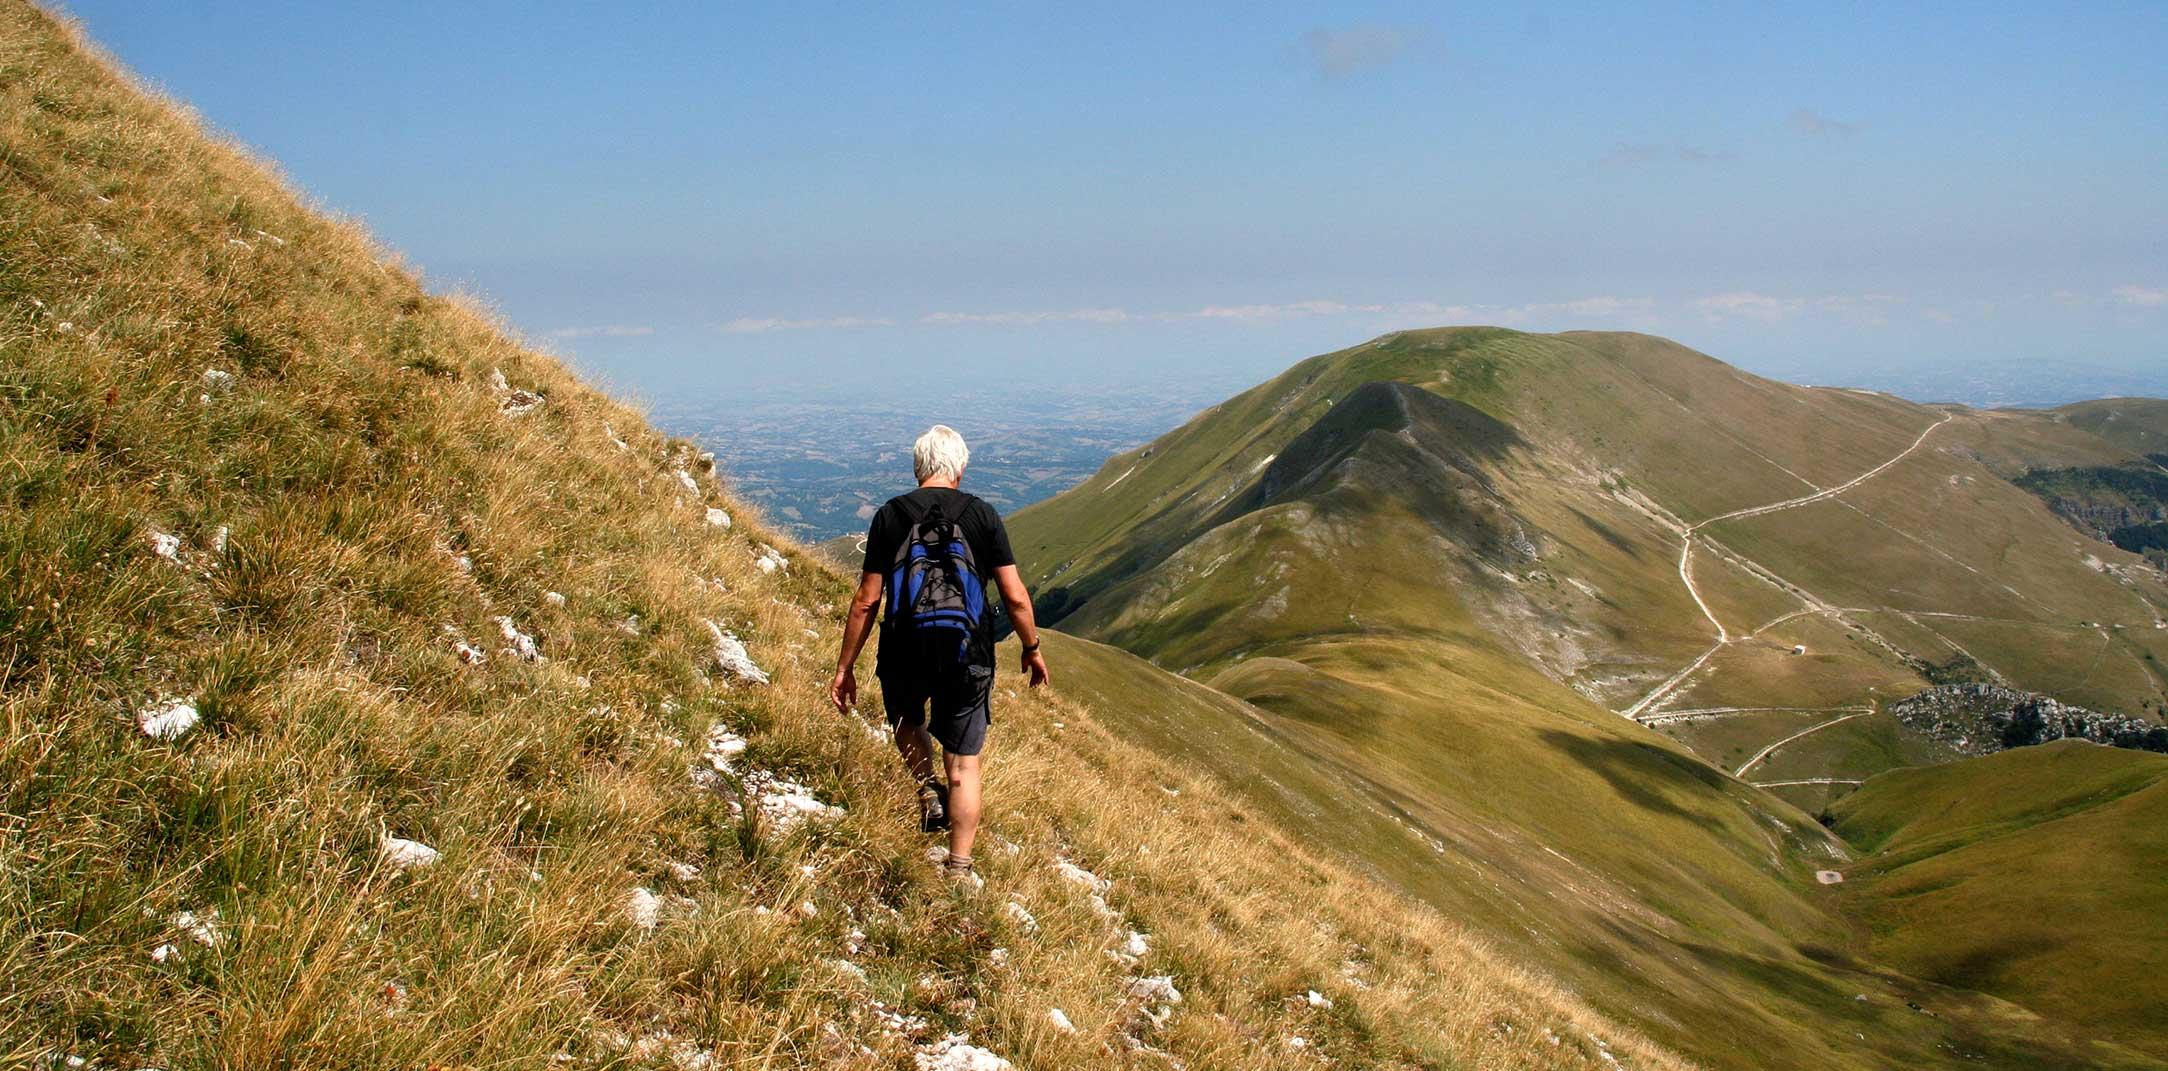 Una passeggiata nei monti Sibillini